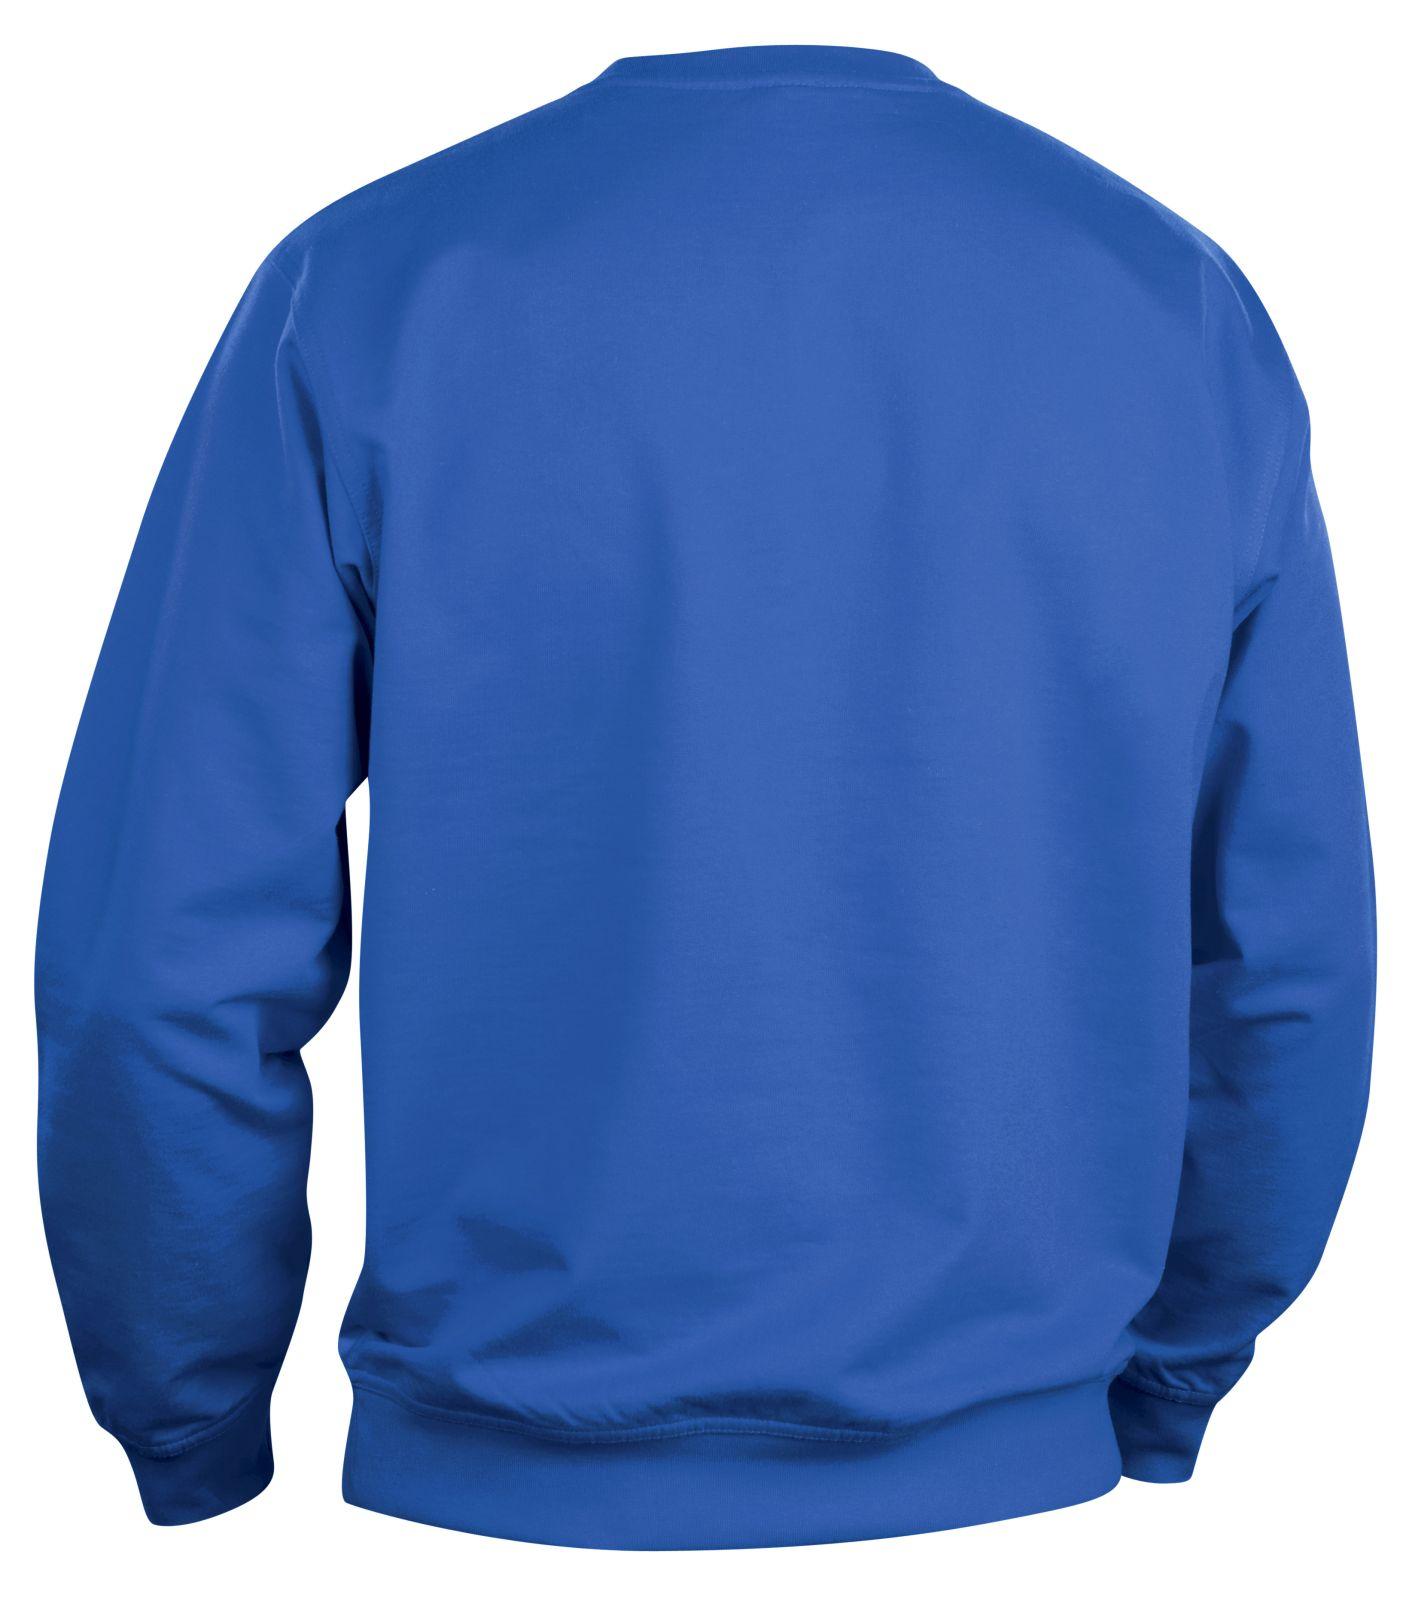 Blaklader Truien 33401158 korenblauw(8500)